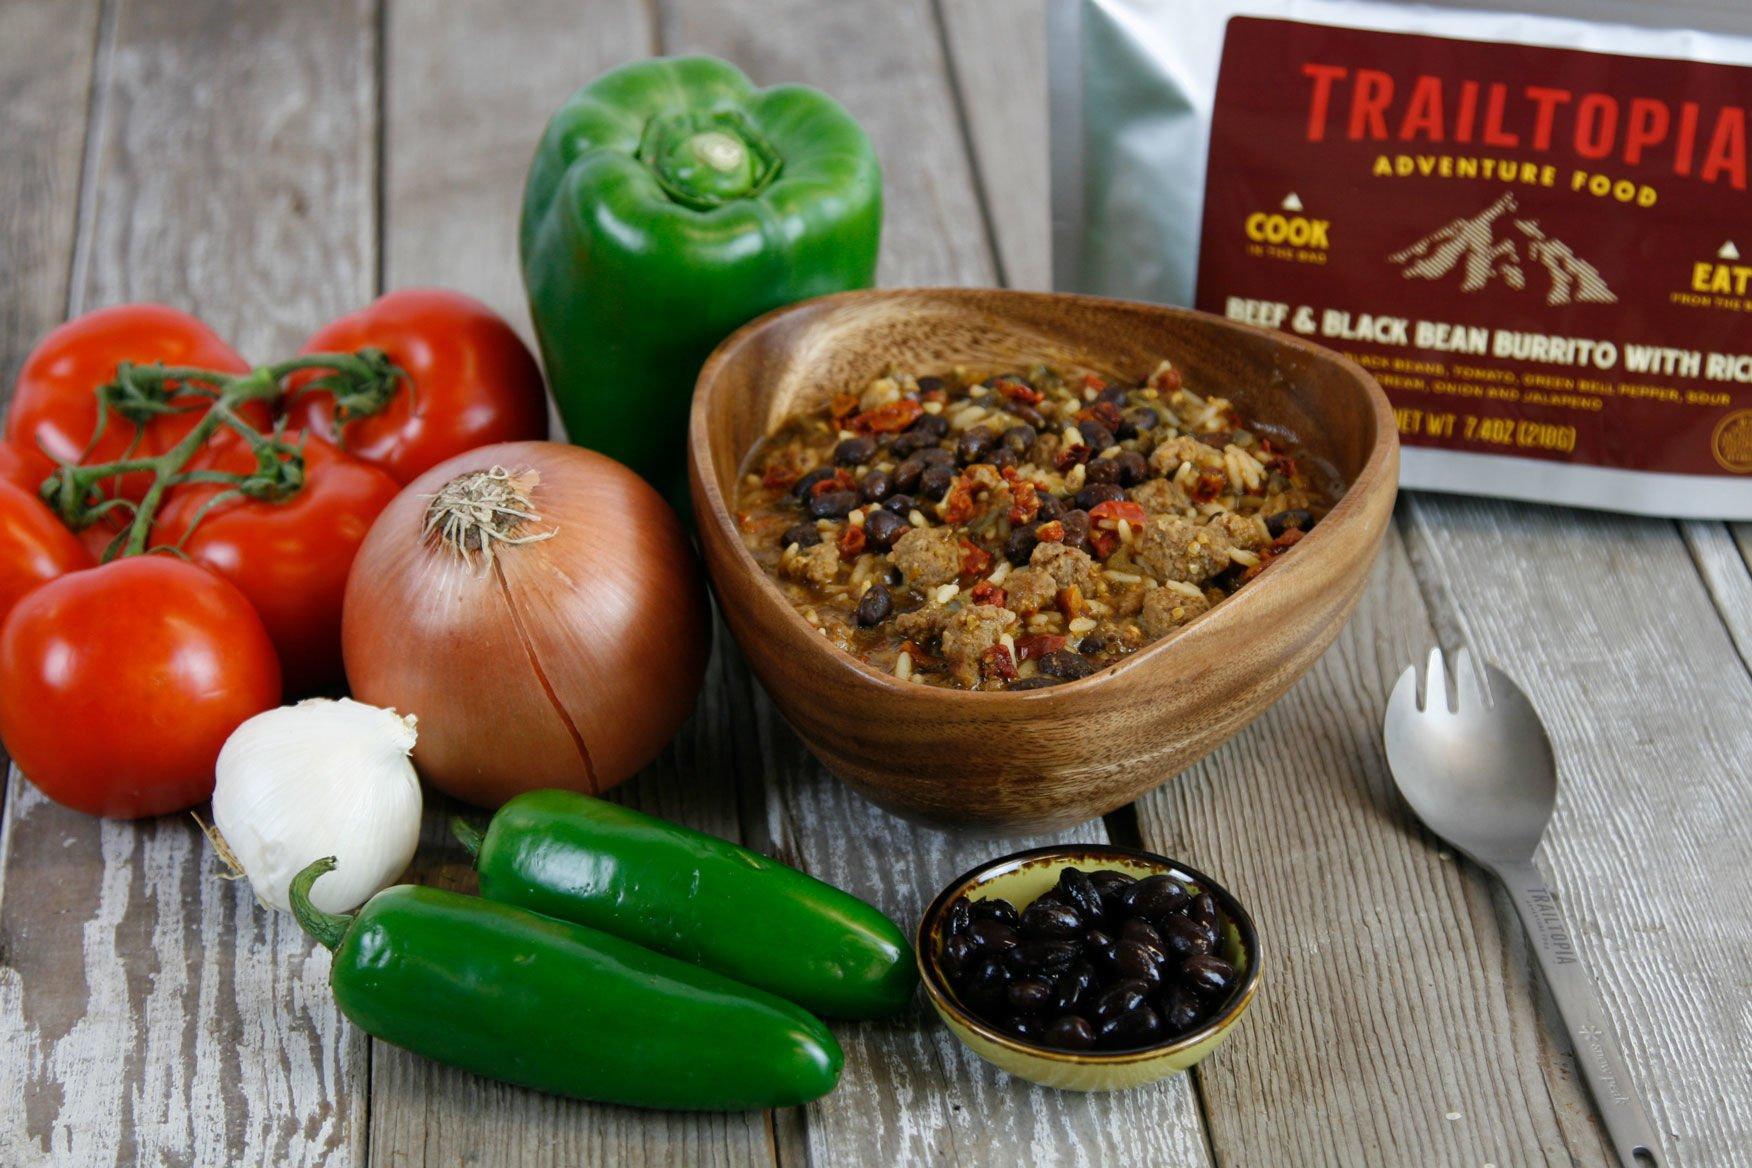 Trailtopia Beef & Black Bean Burrito